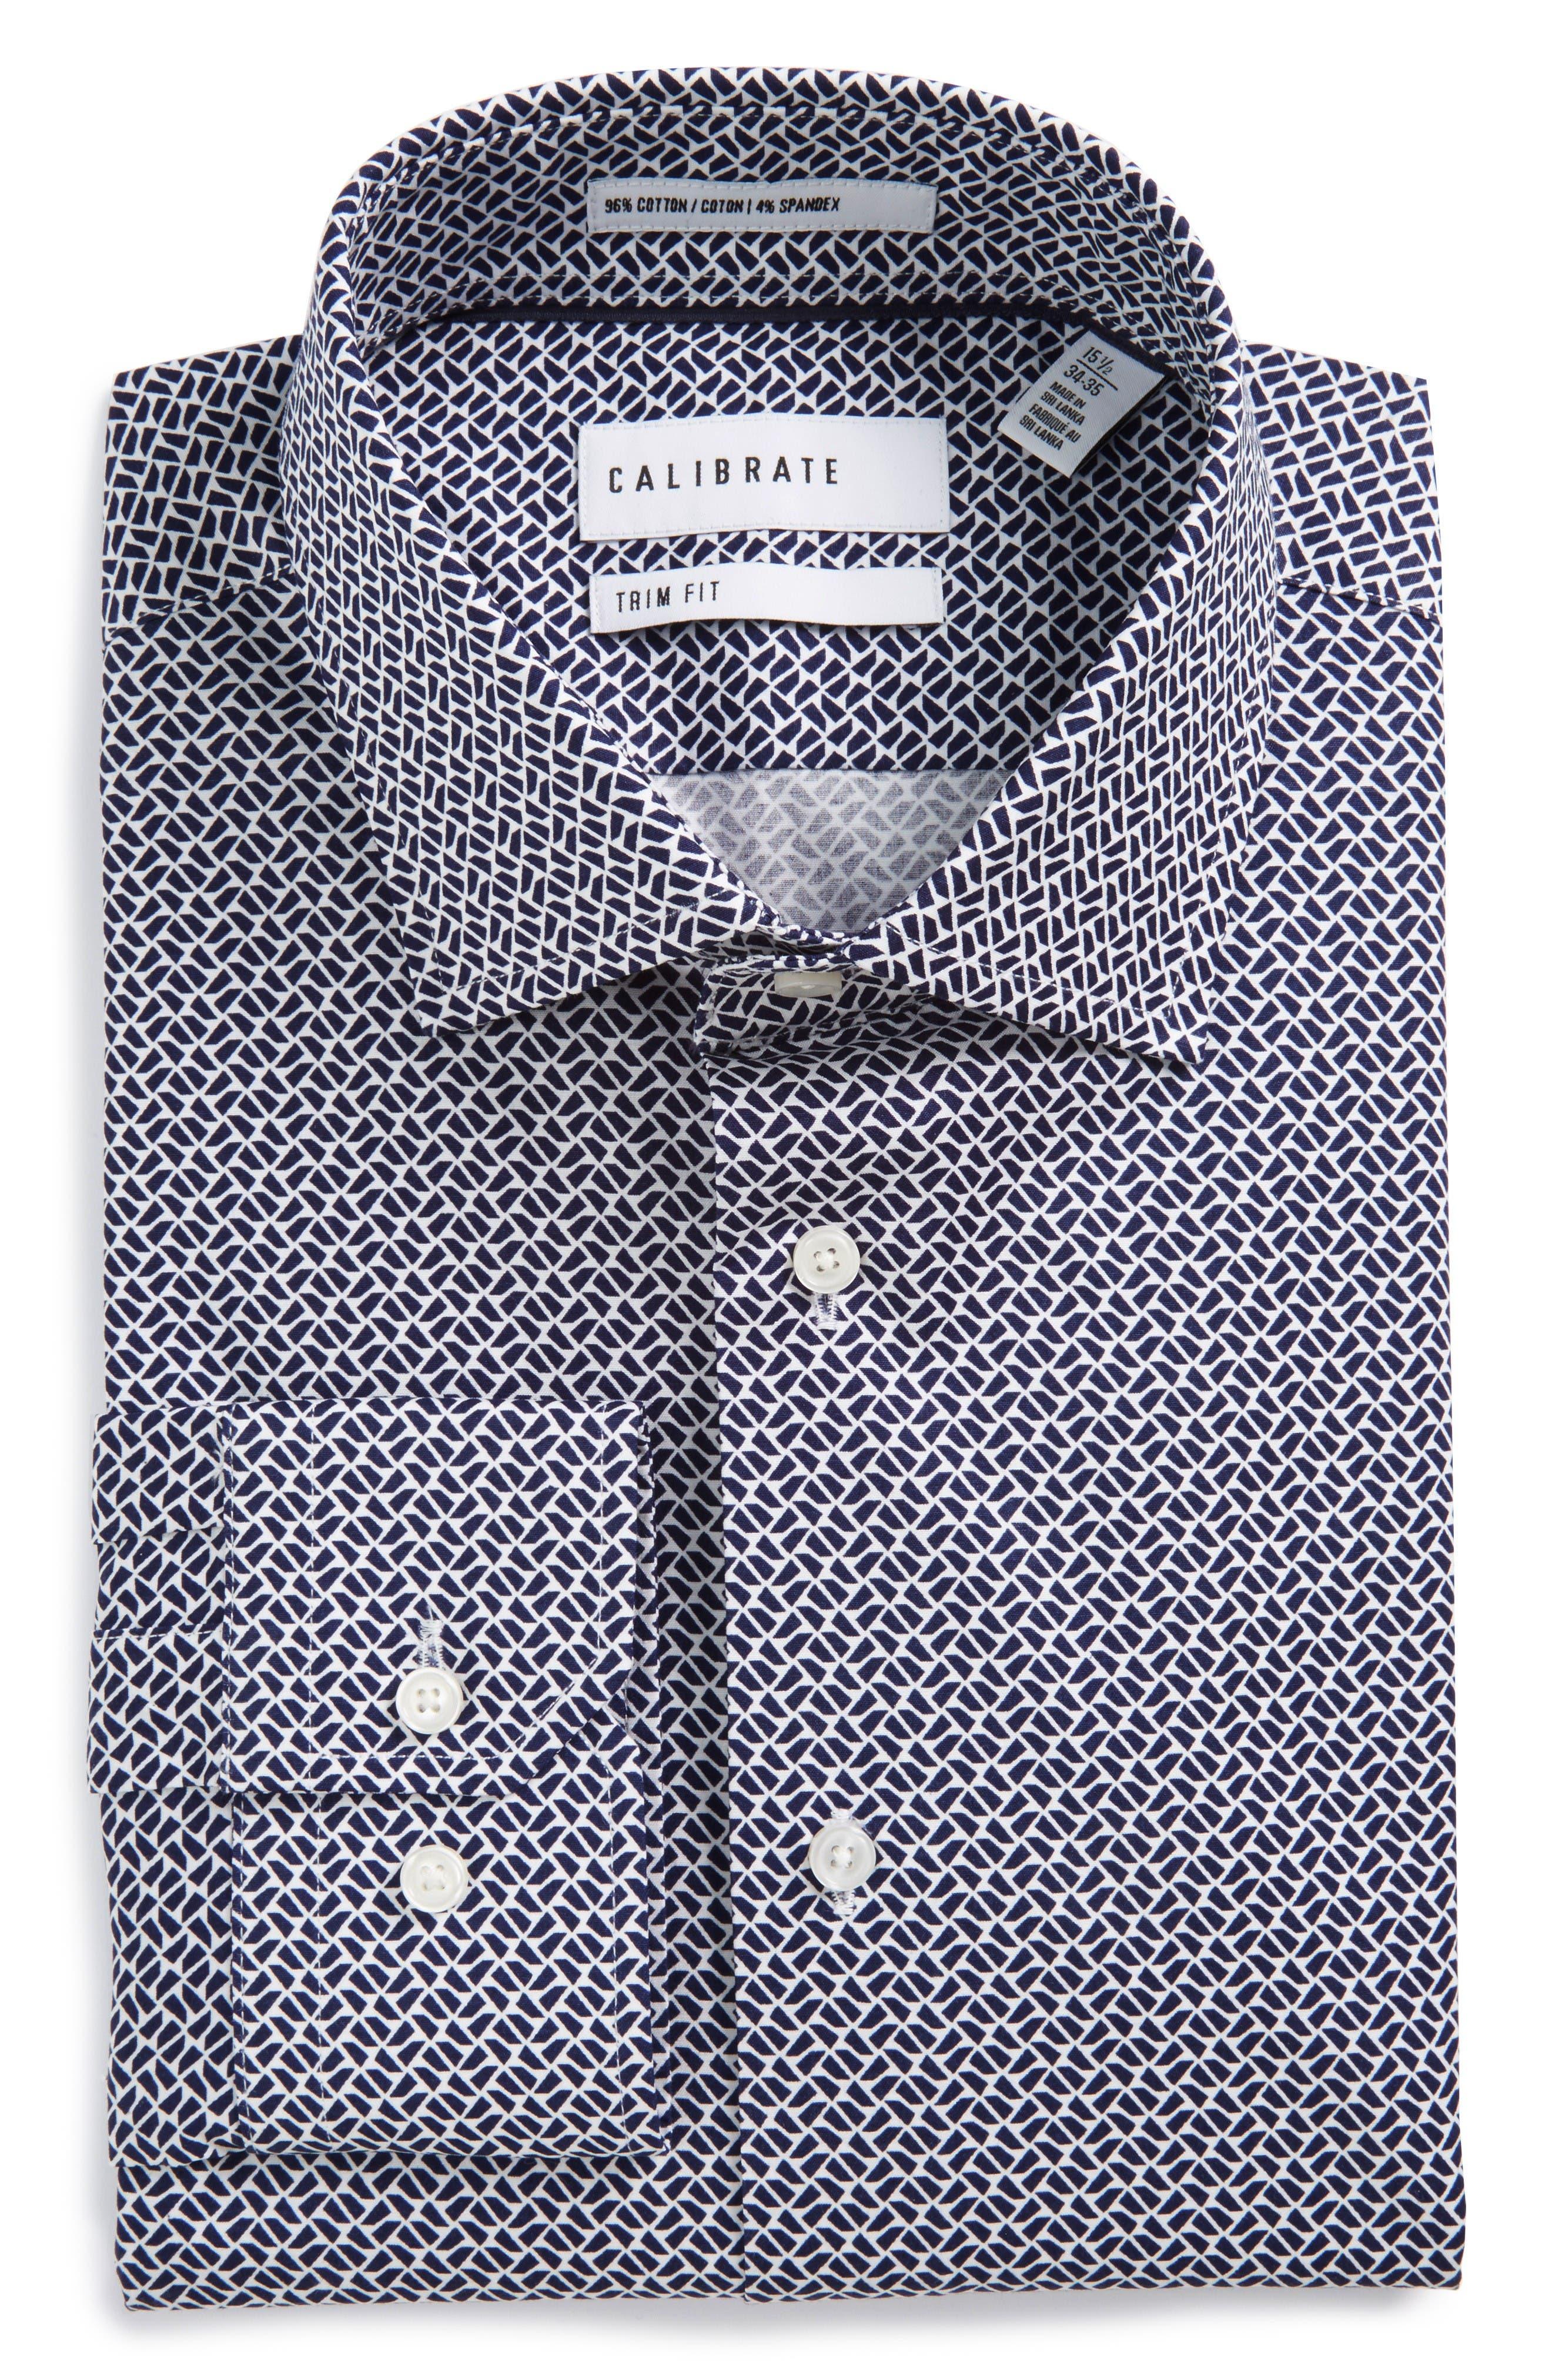 Calibrate Trim Fit Geometric Stretch Dress Shirt